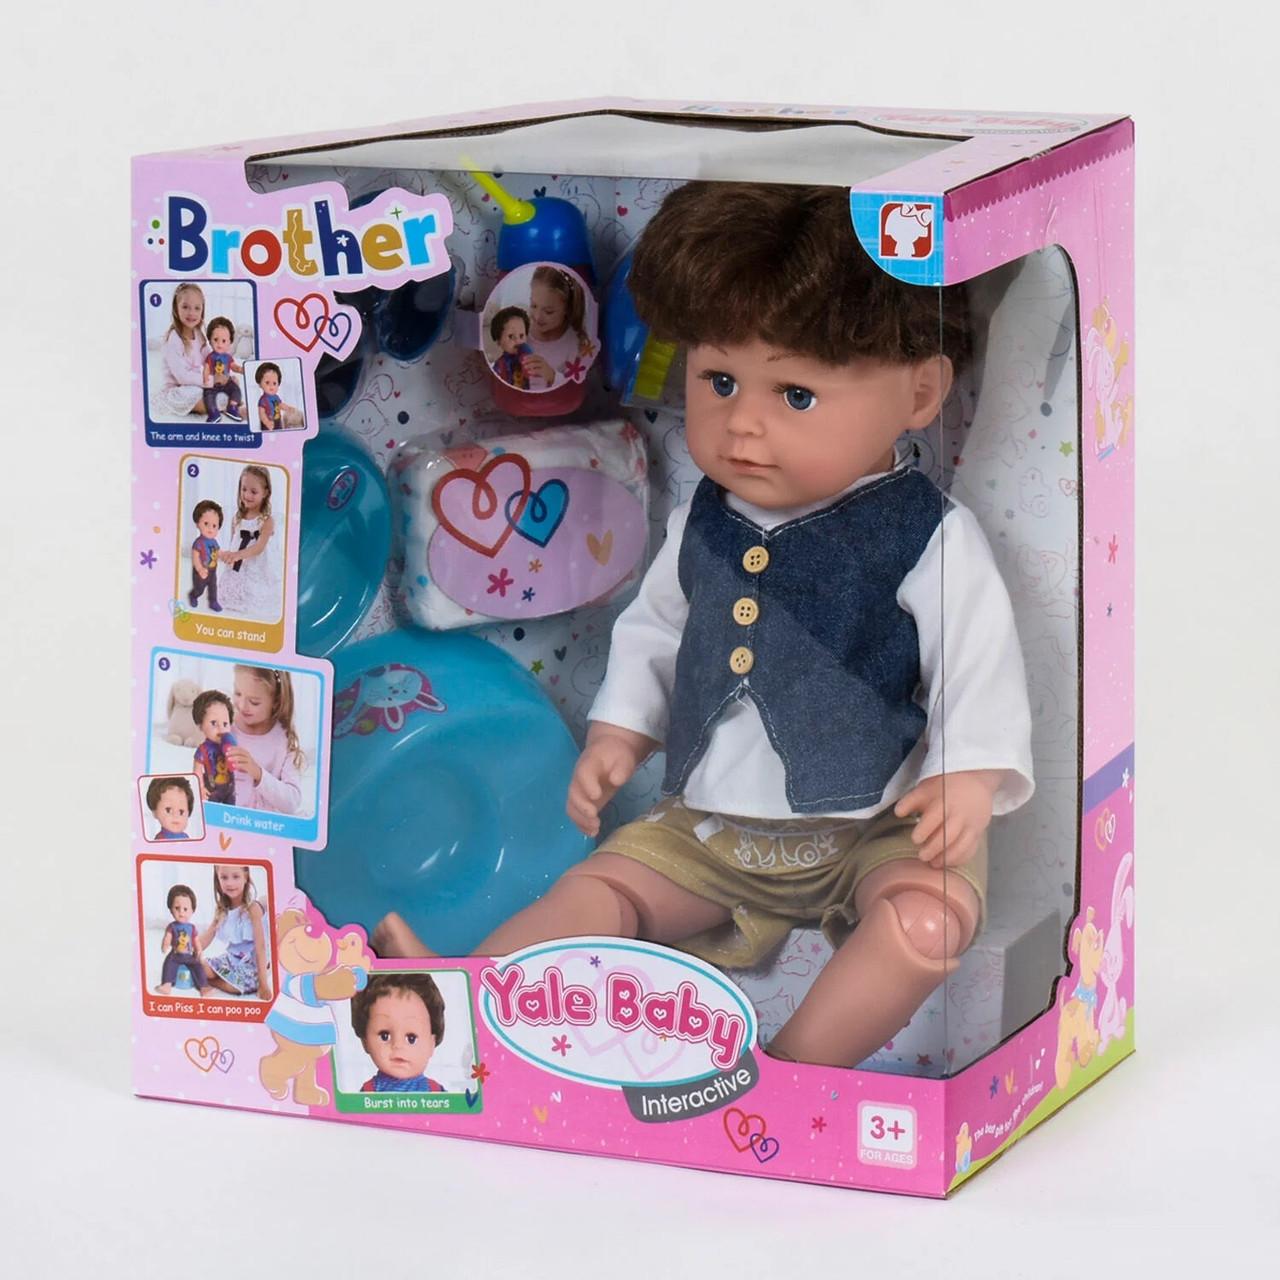 Детский пупс функциональный Братик BLB 001 B с аксессуарами (6 функций)